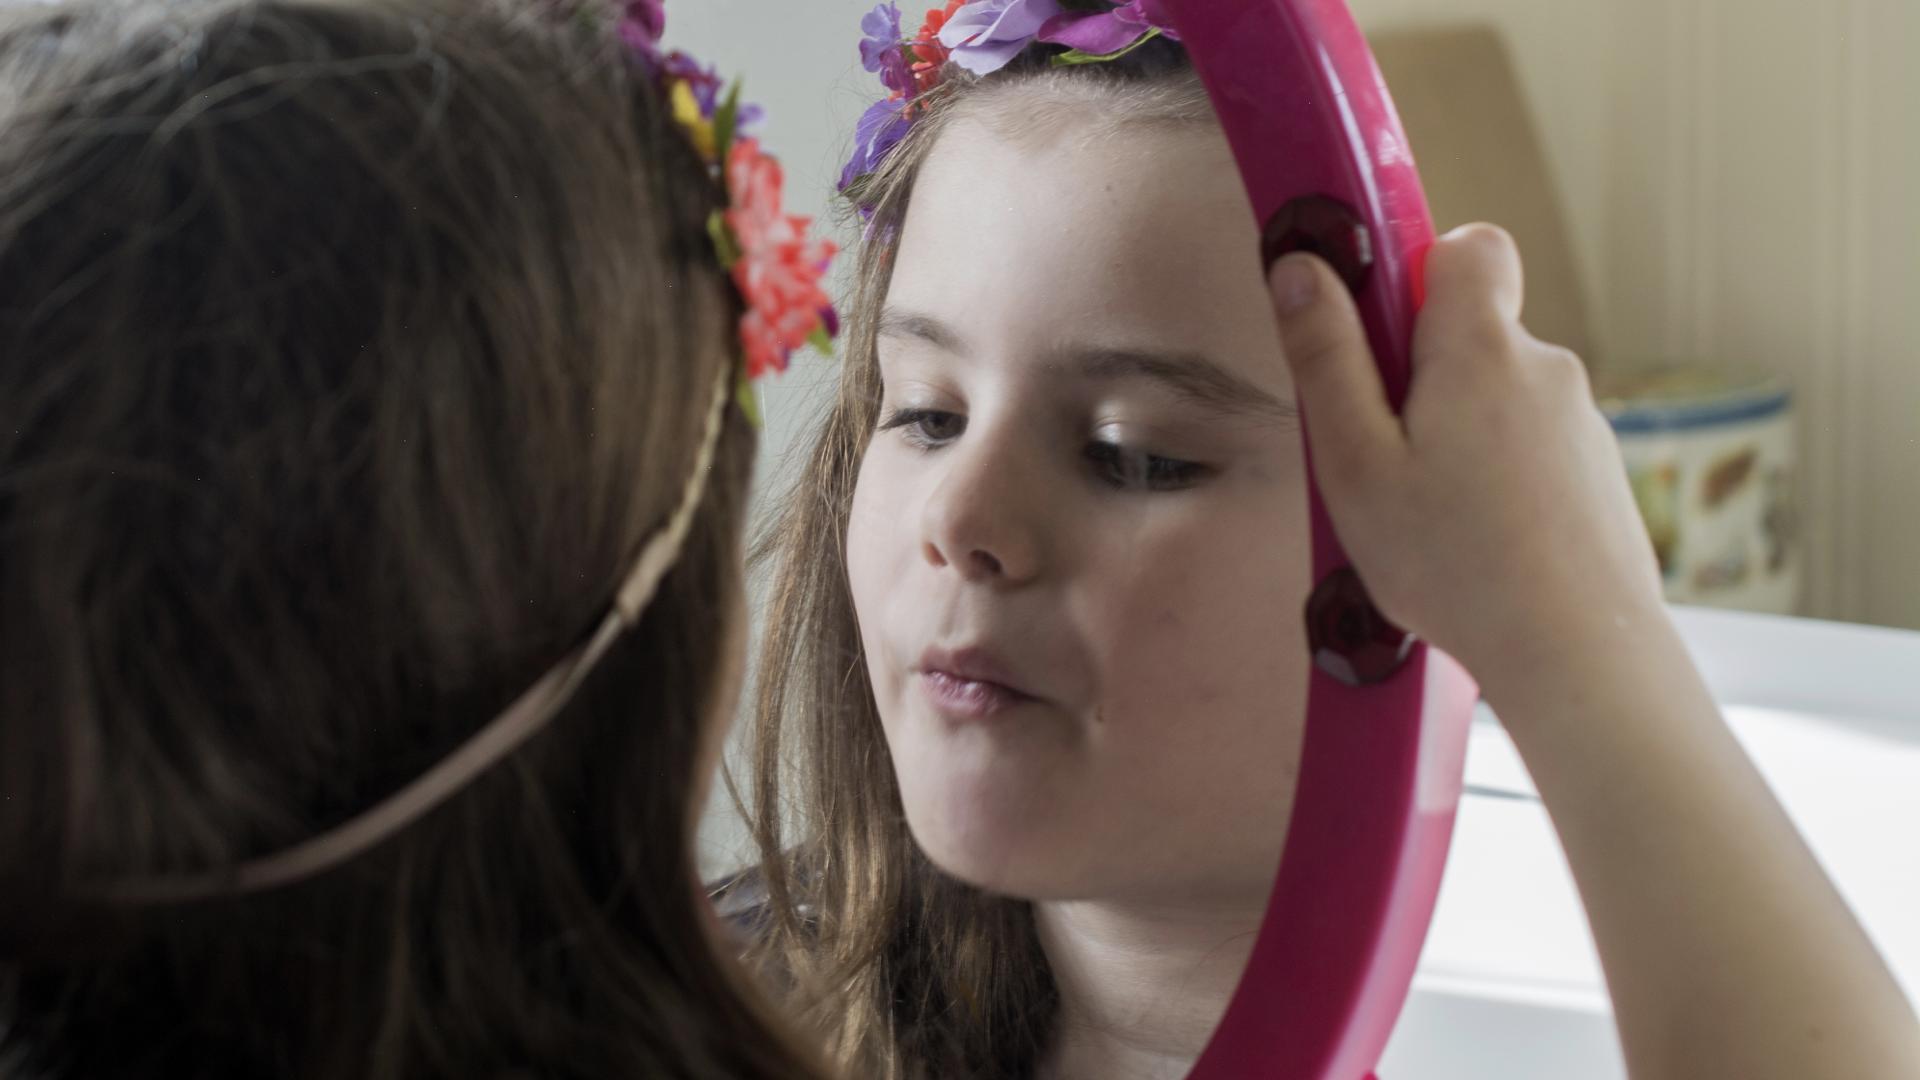 """Pressão por """"corpo perfeito"""" e sentimento de """"não ser boa o suficiente"""" impactam meninas já aos 7 anos"""